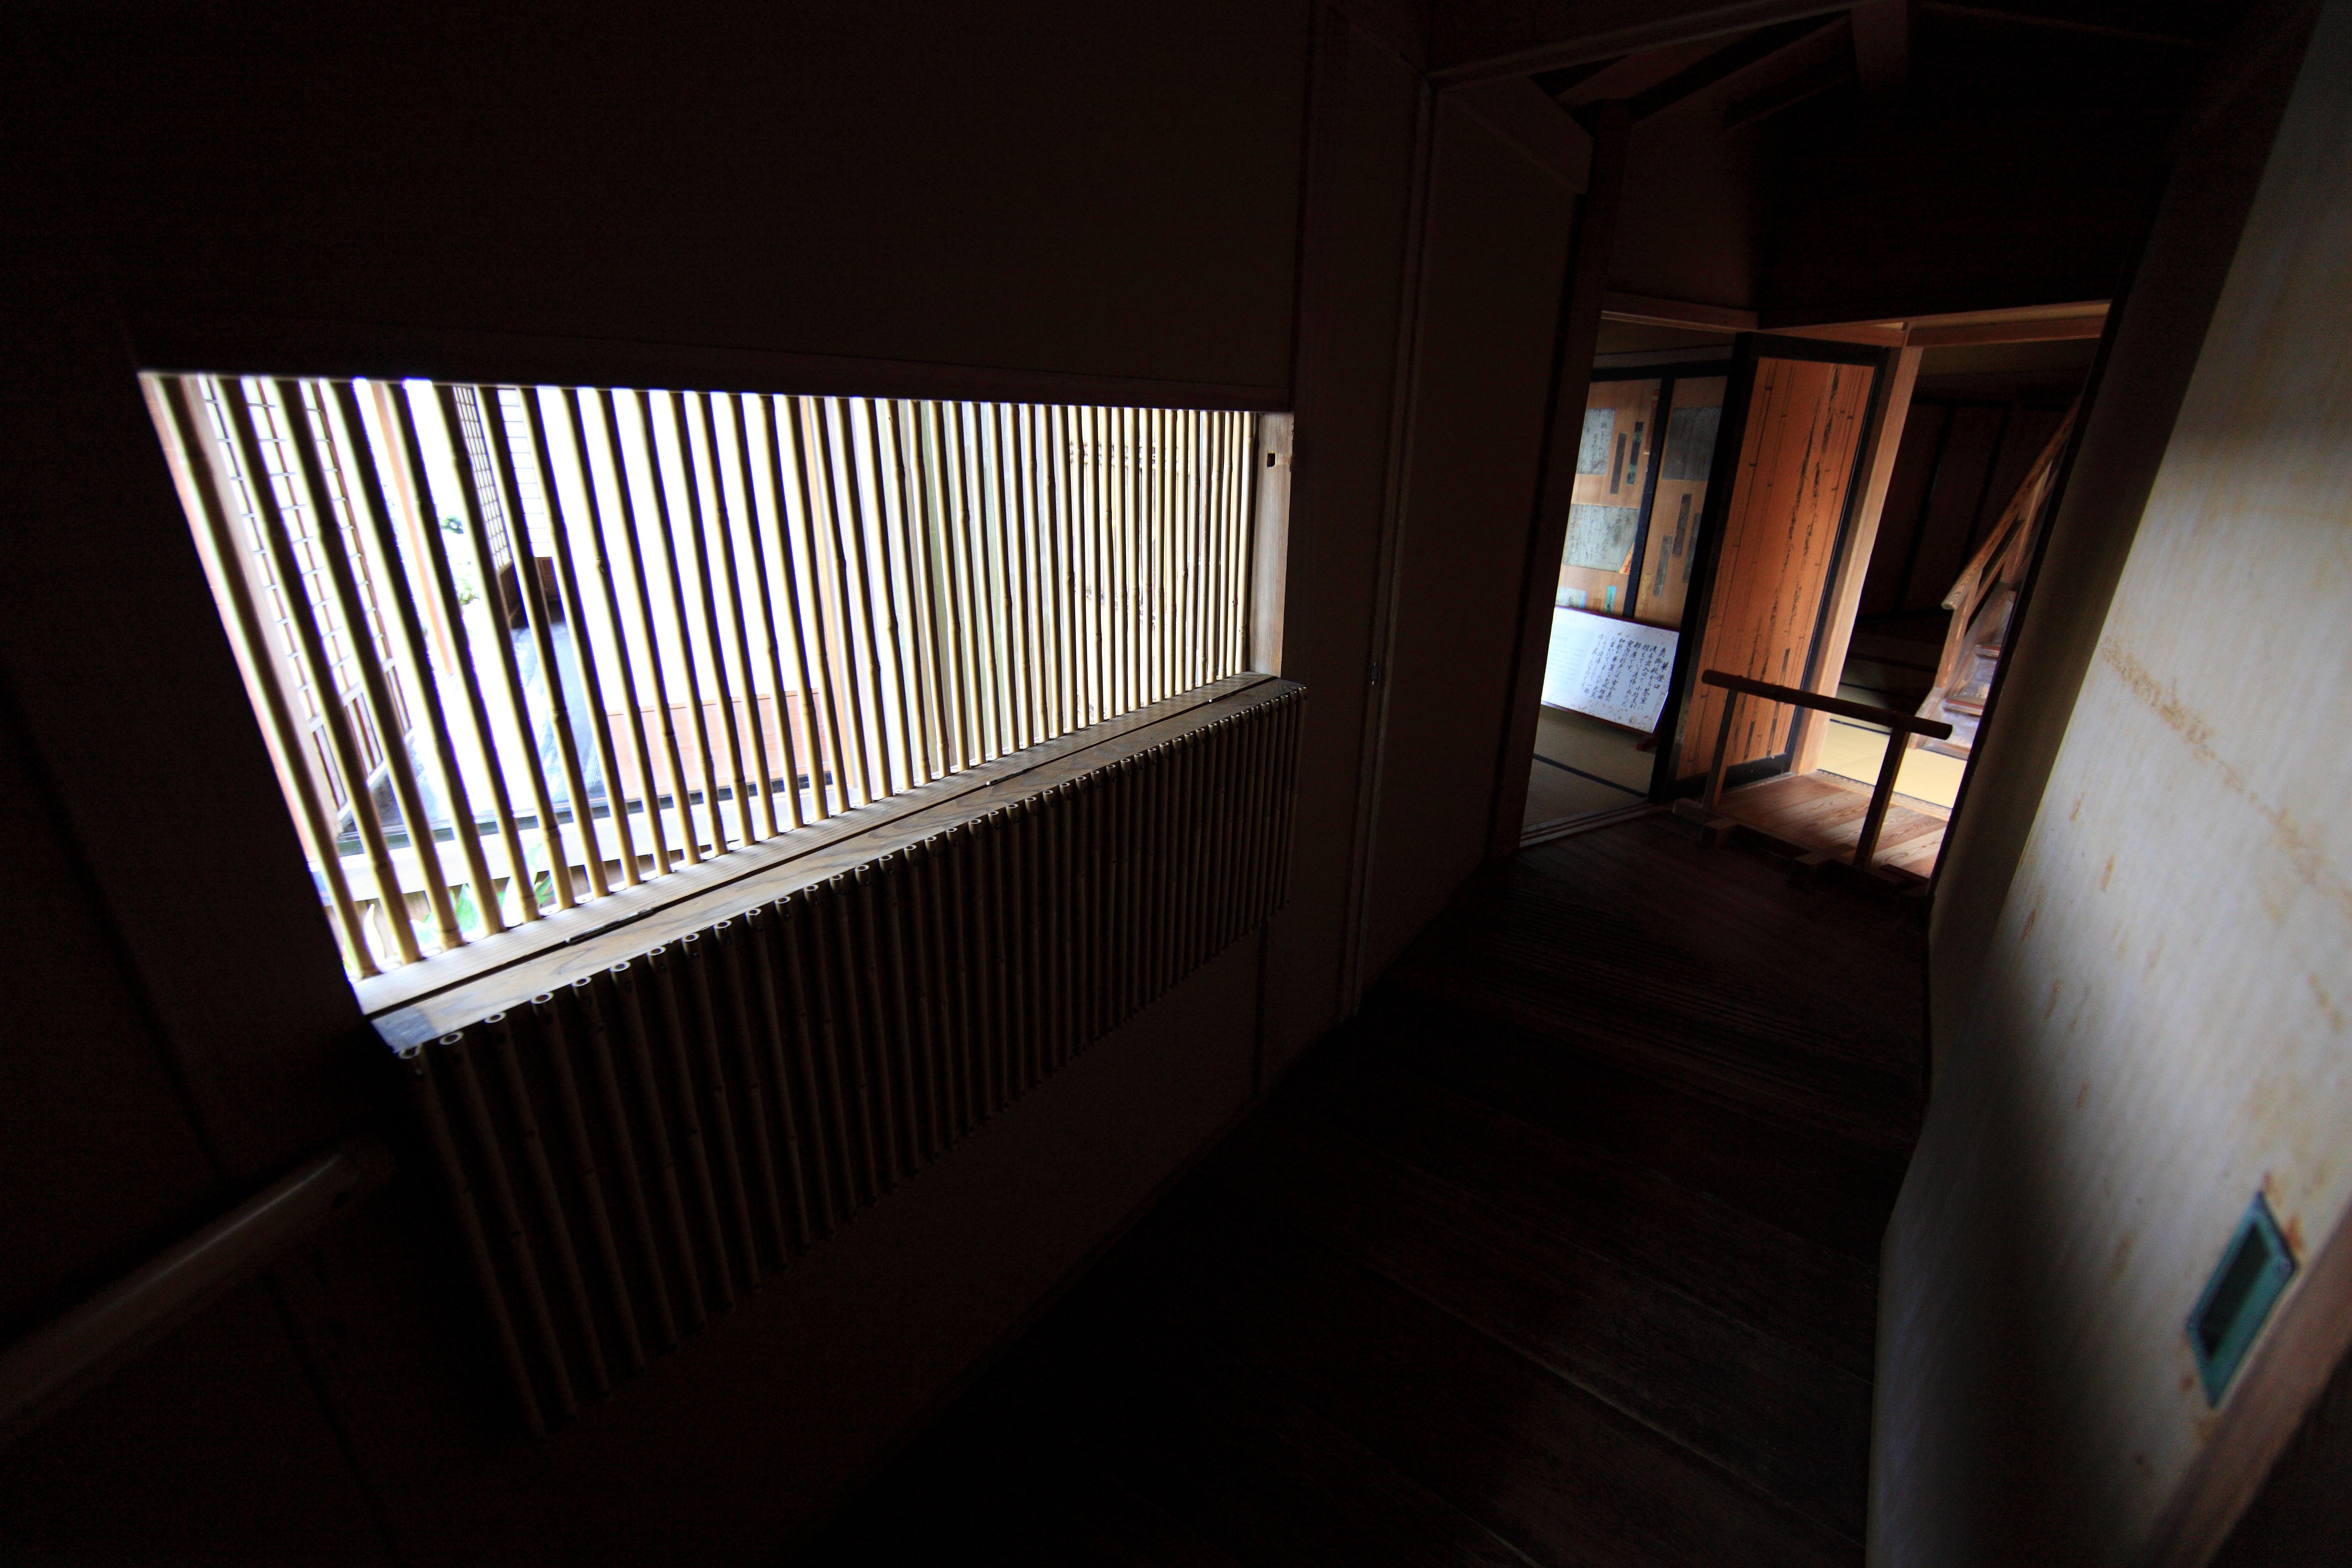 09ba9f0e6 Obrazy : svetlo, architektúra, drevo, dom, interiér, starý, Domov, vysoký,  staroveký, bydliska, tma, izbu, osvetlenie, interiérový dizajn, japonský,  5d, ...